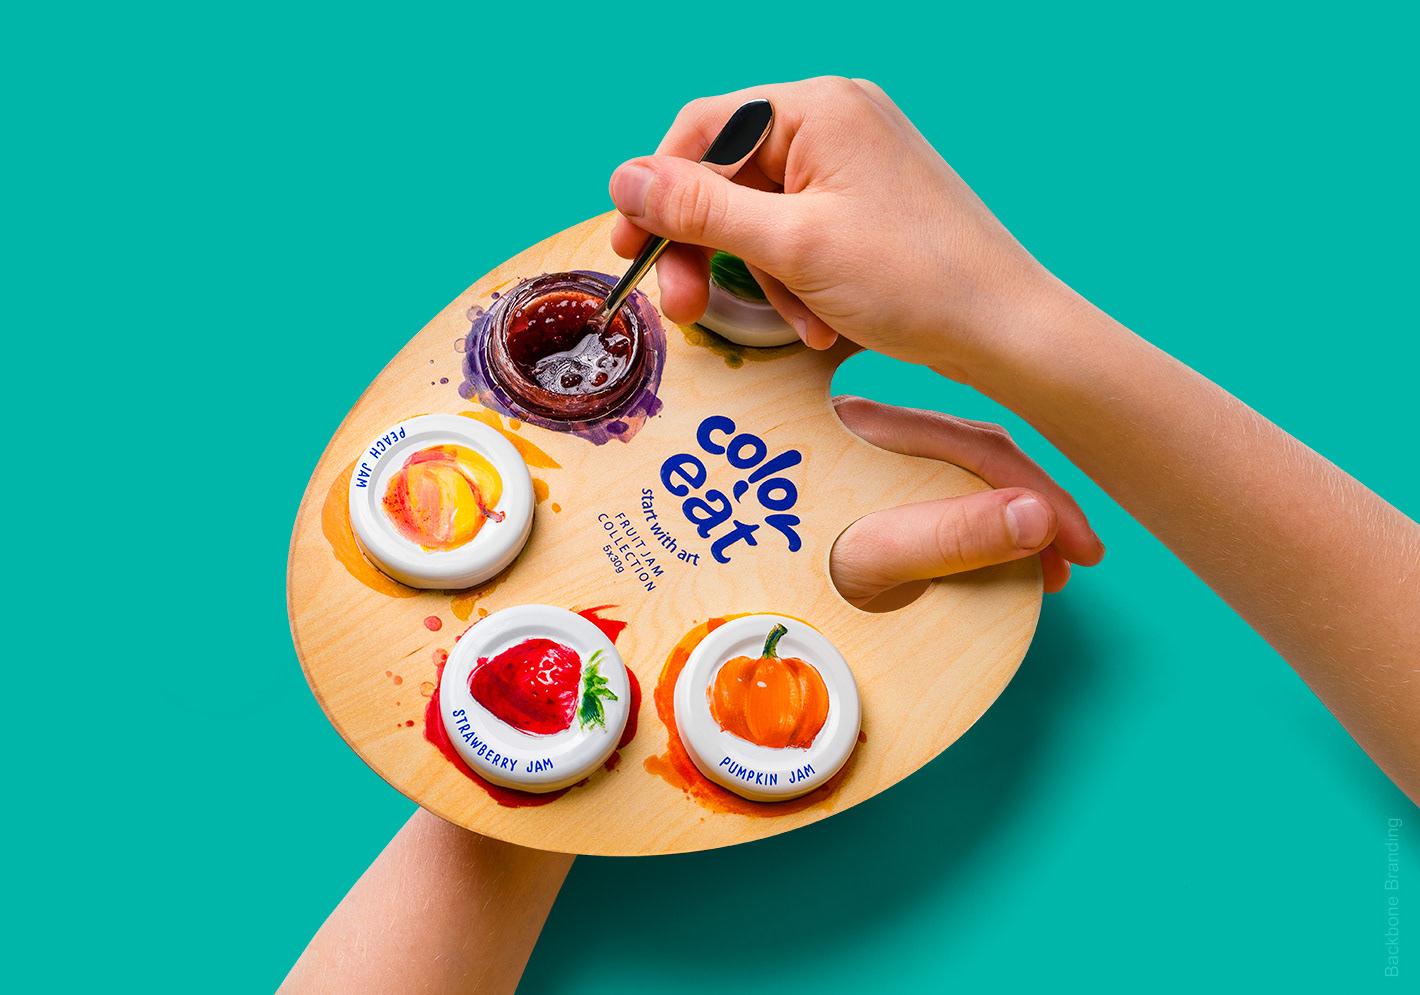 Xu hướng thiết kế bao bì 2020 ví dụ: Bộ sưu tập mứt trái cây đầy màu sắc